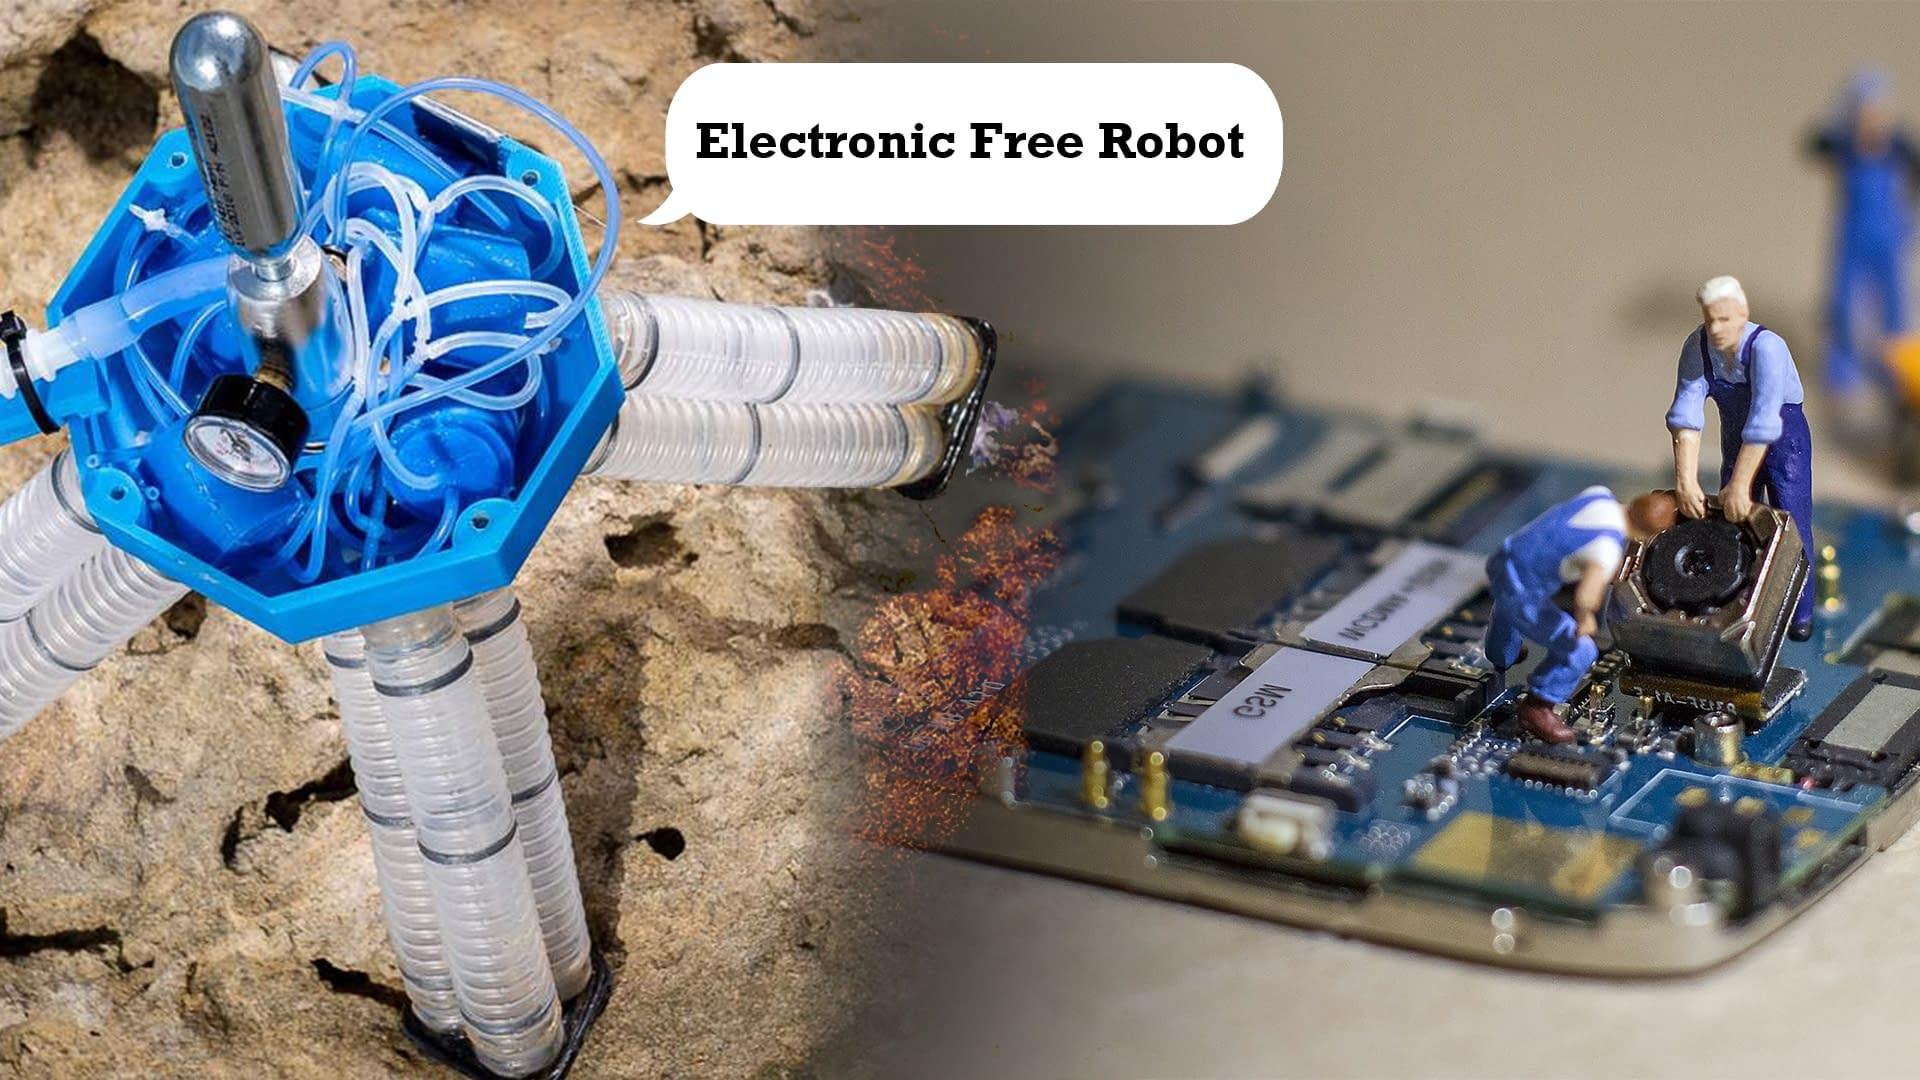 Four legged electronics free robot